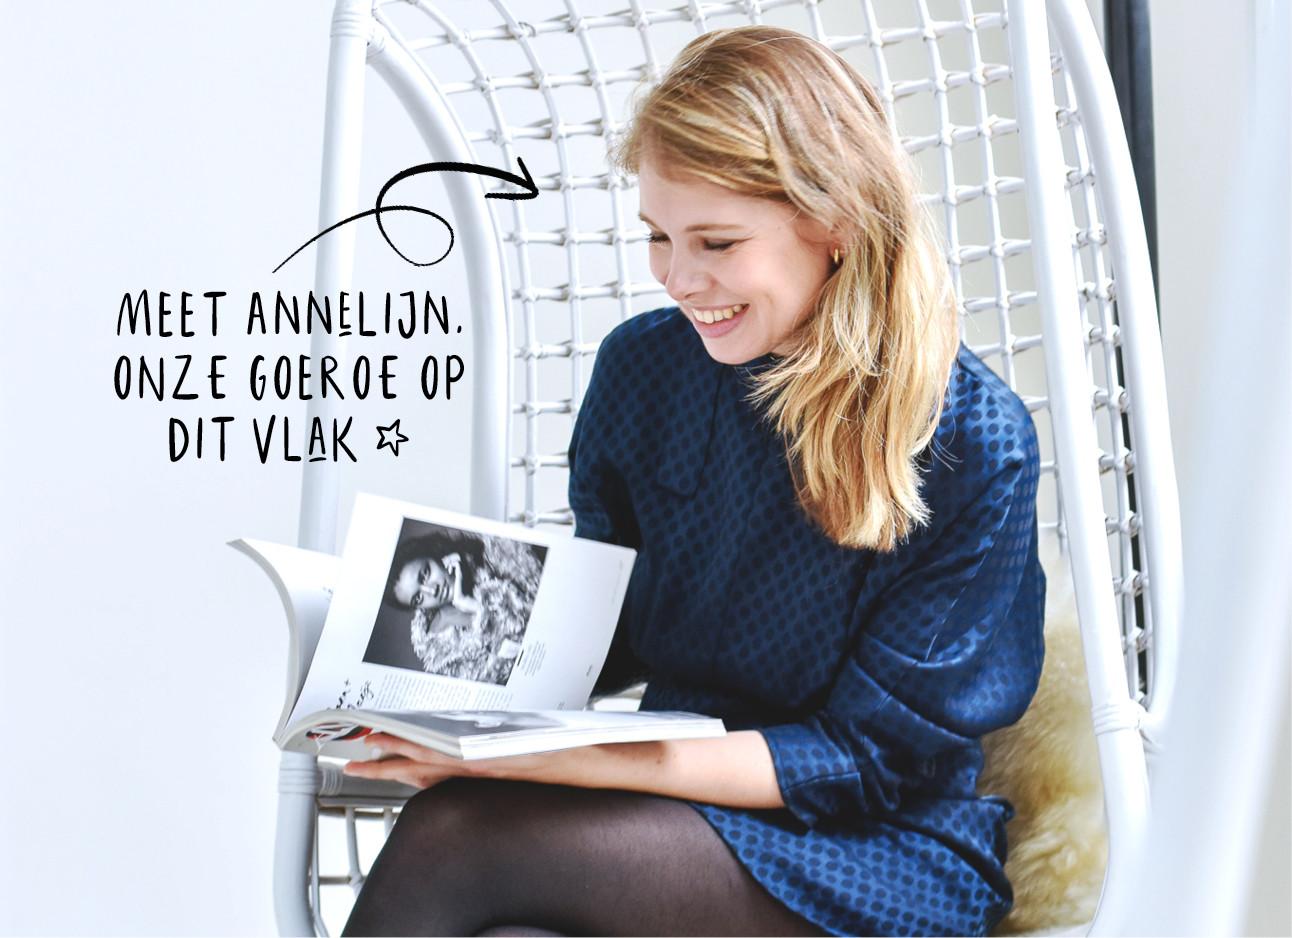 Annelijn van Skin kliniek op visite bij Amayzine